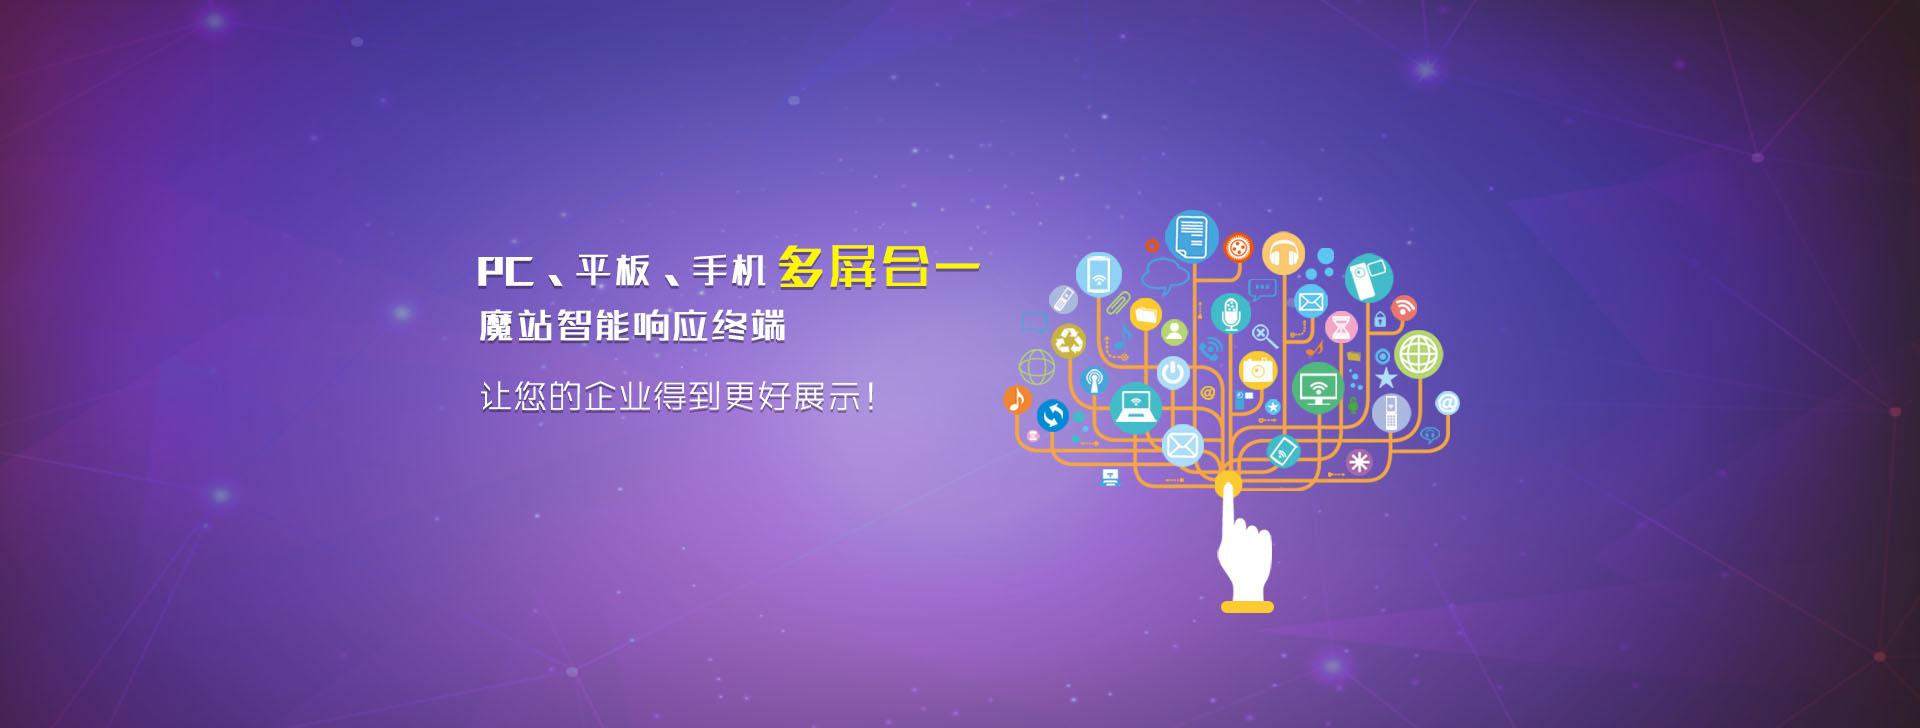 魔站适合哪些用户?|关于建站- 江苏辽阔信息科技有限公司